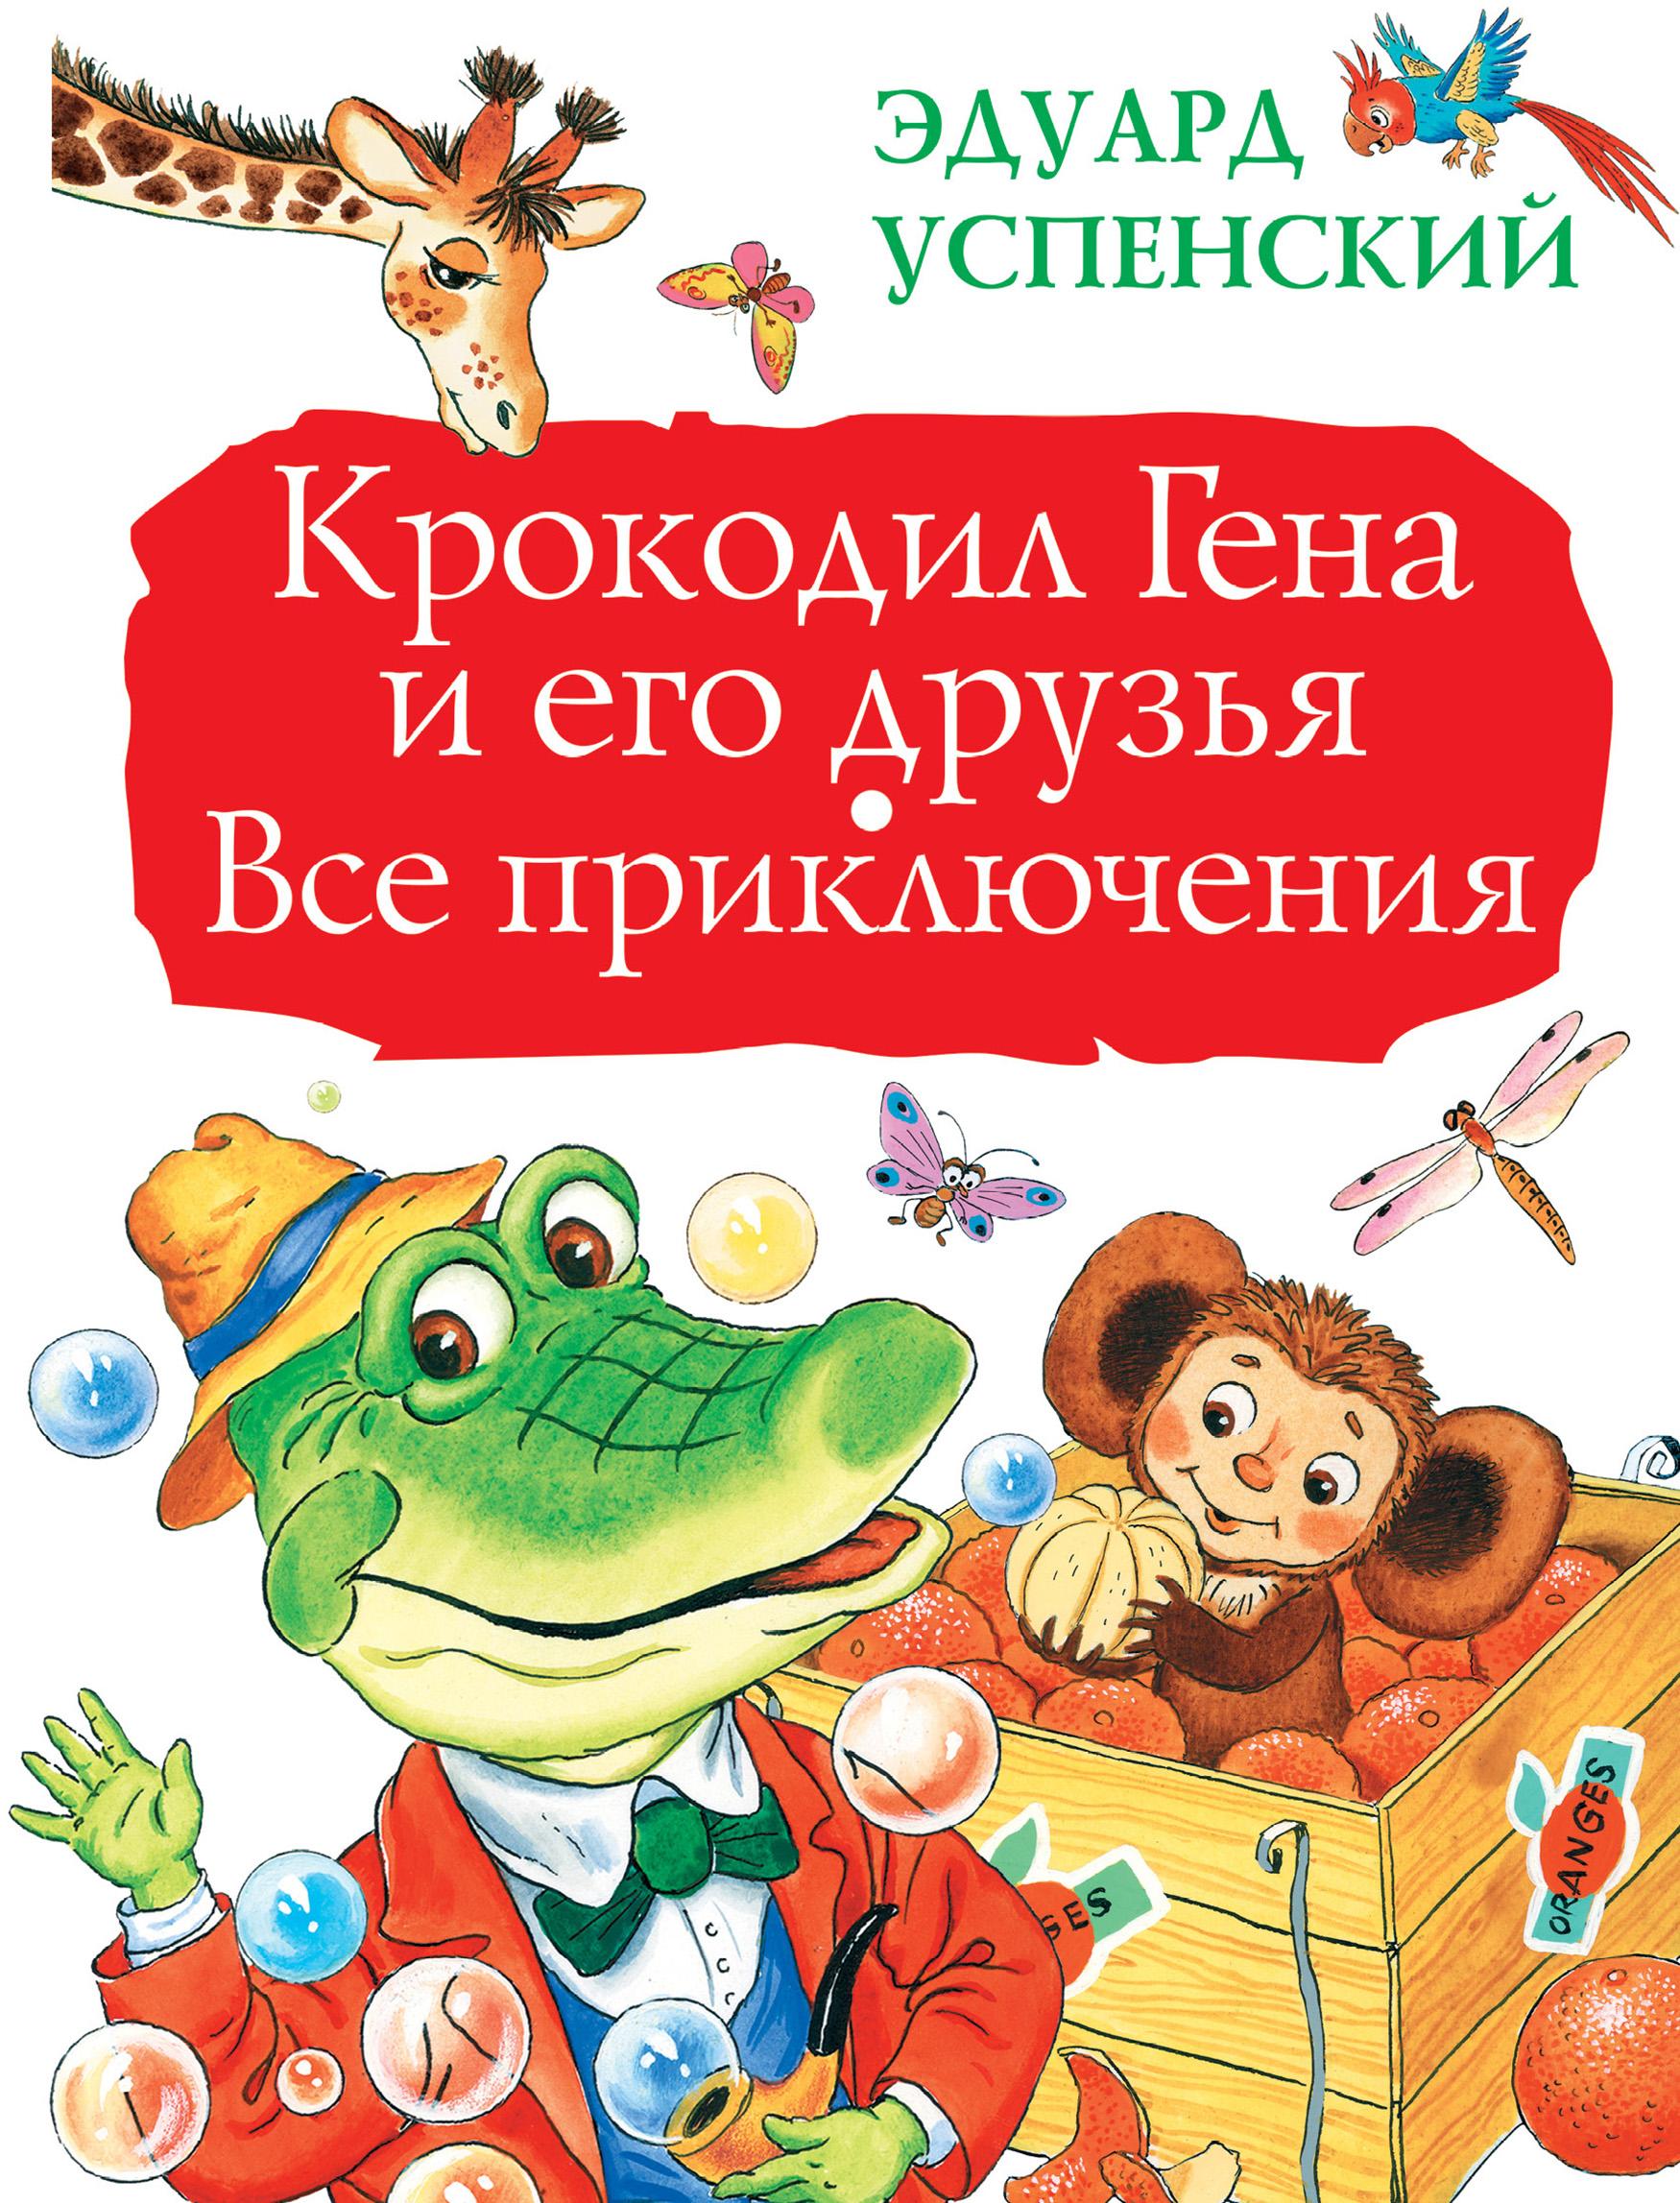 Эдуард Успенский Крокодил Гена и его друзья. Все приключения степанов владимир александрович что увидели друзья